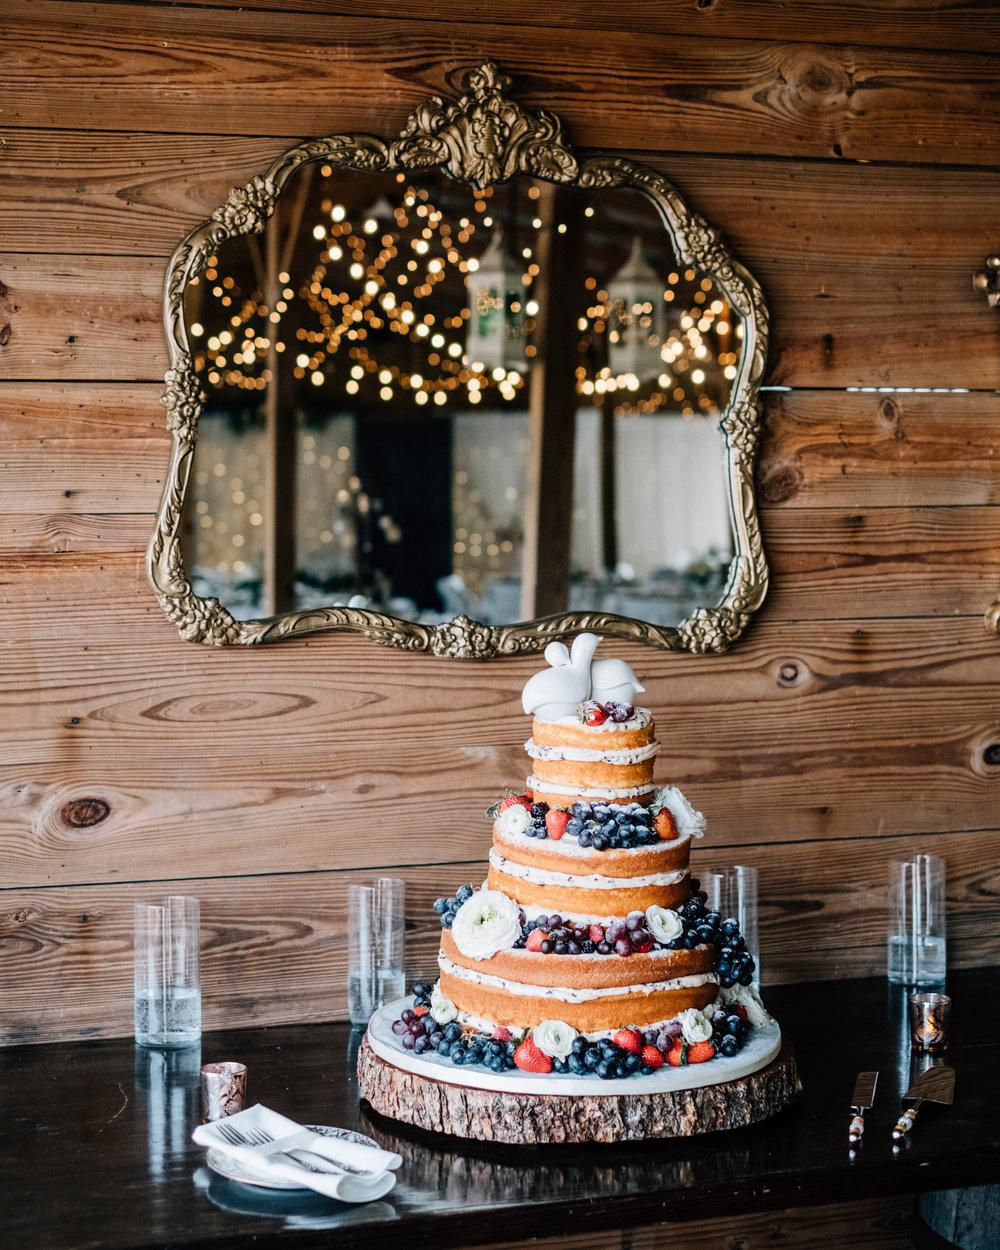 Naked Layered Wedding Cake Fruit Cross Creek Ranch Tampa Brandon Valrico Florida